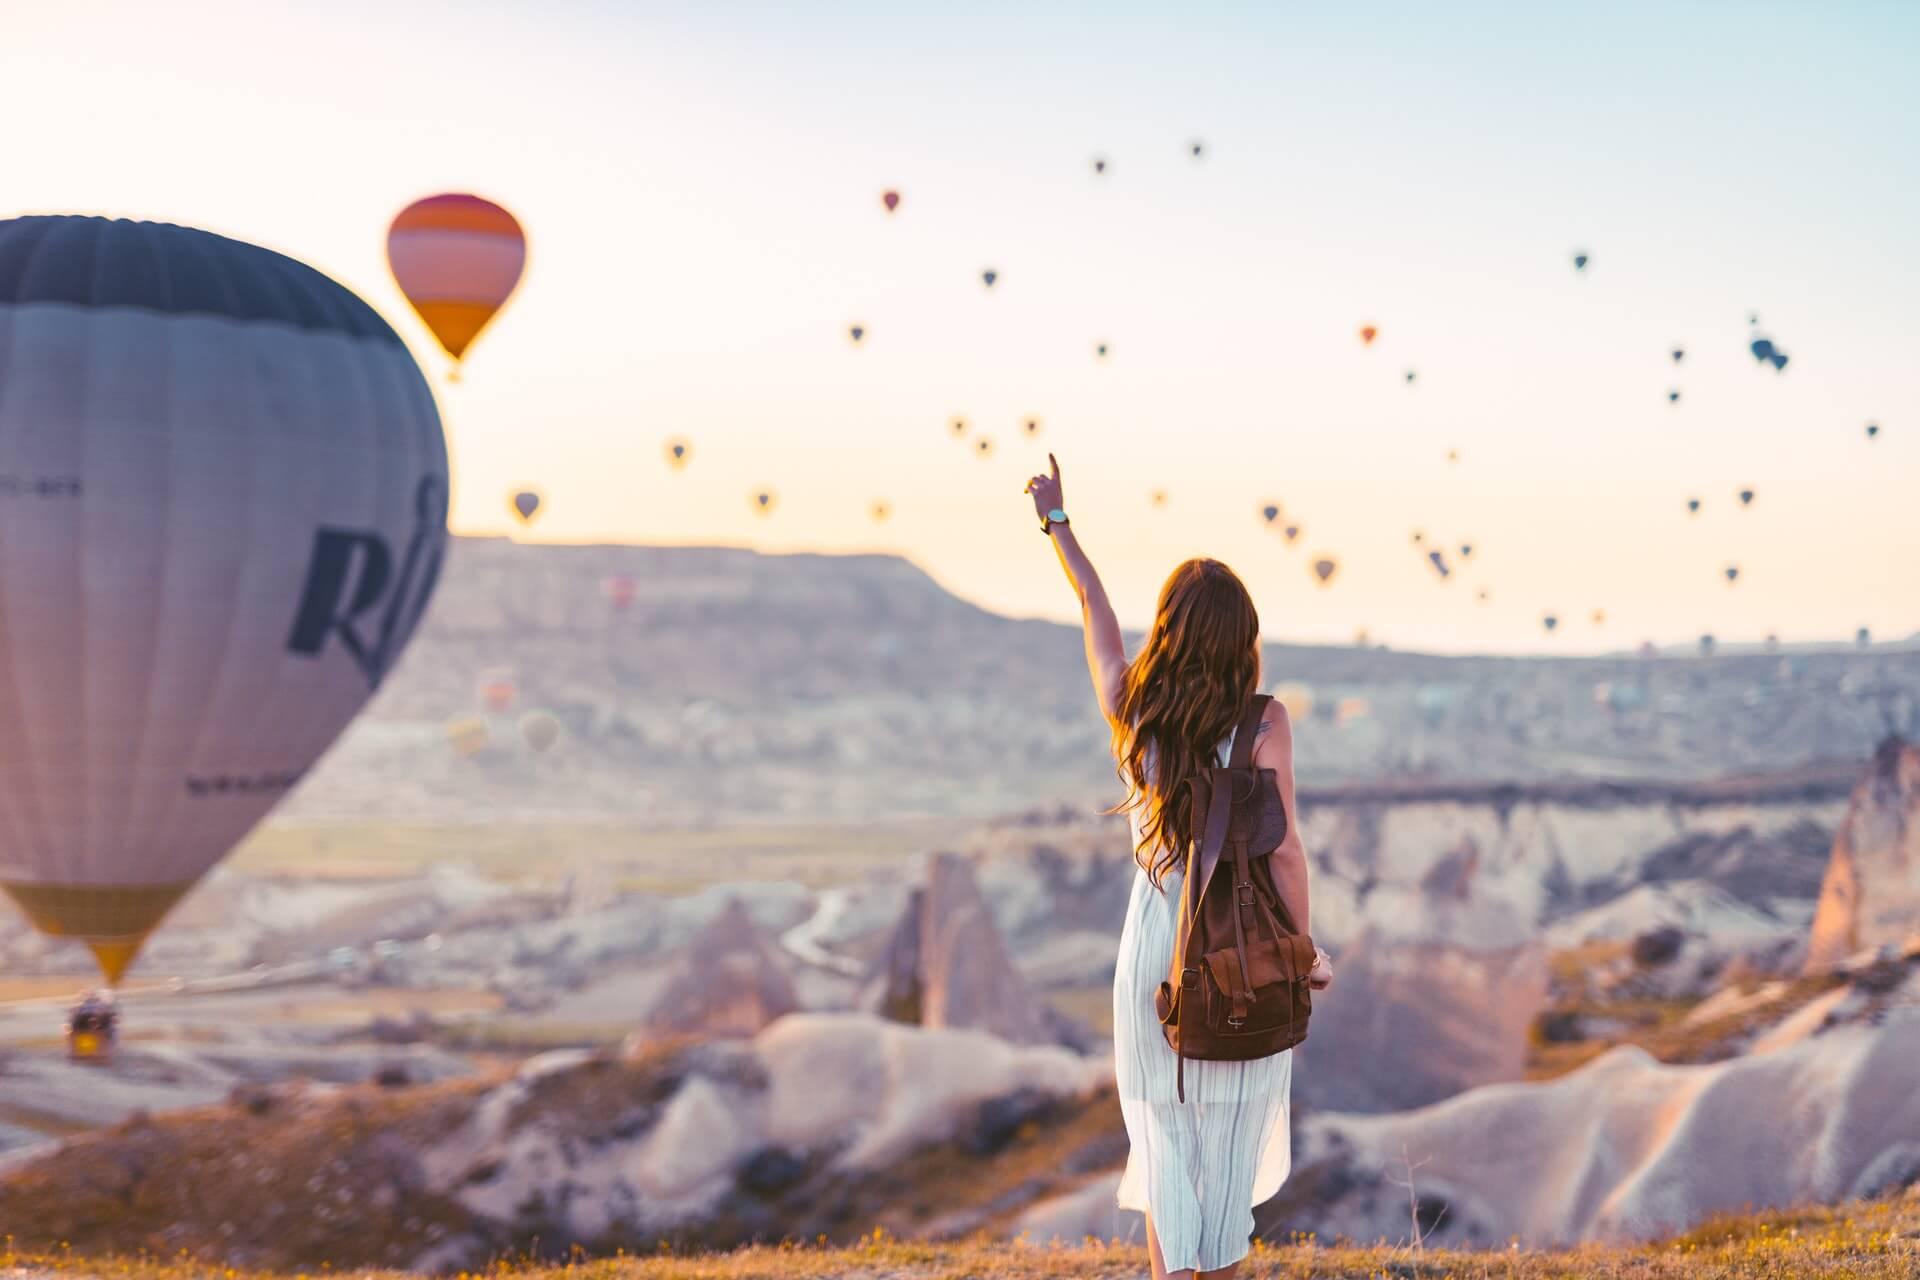 Reisen als Lebensziel - Ziele im Leben